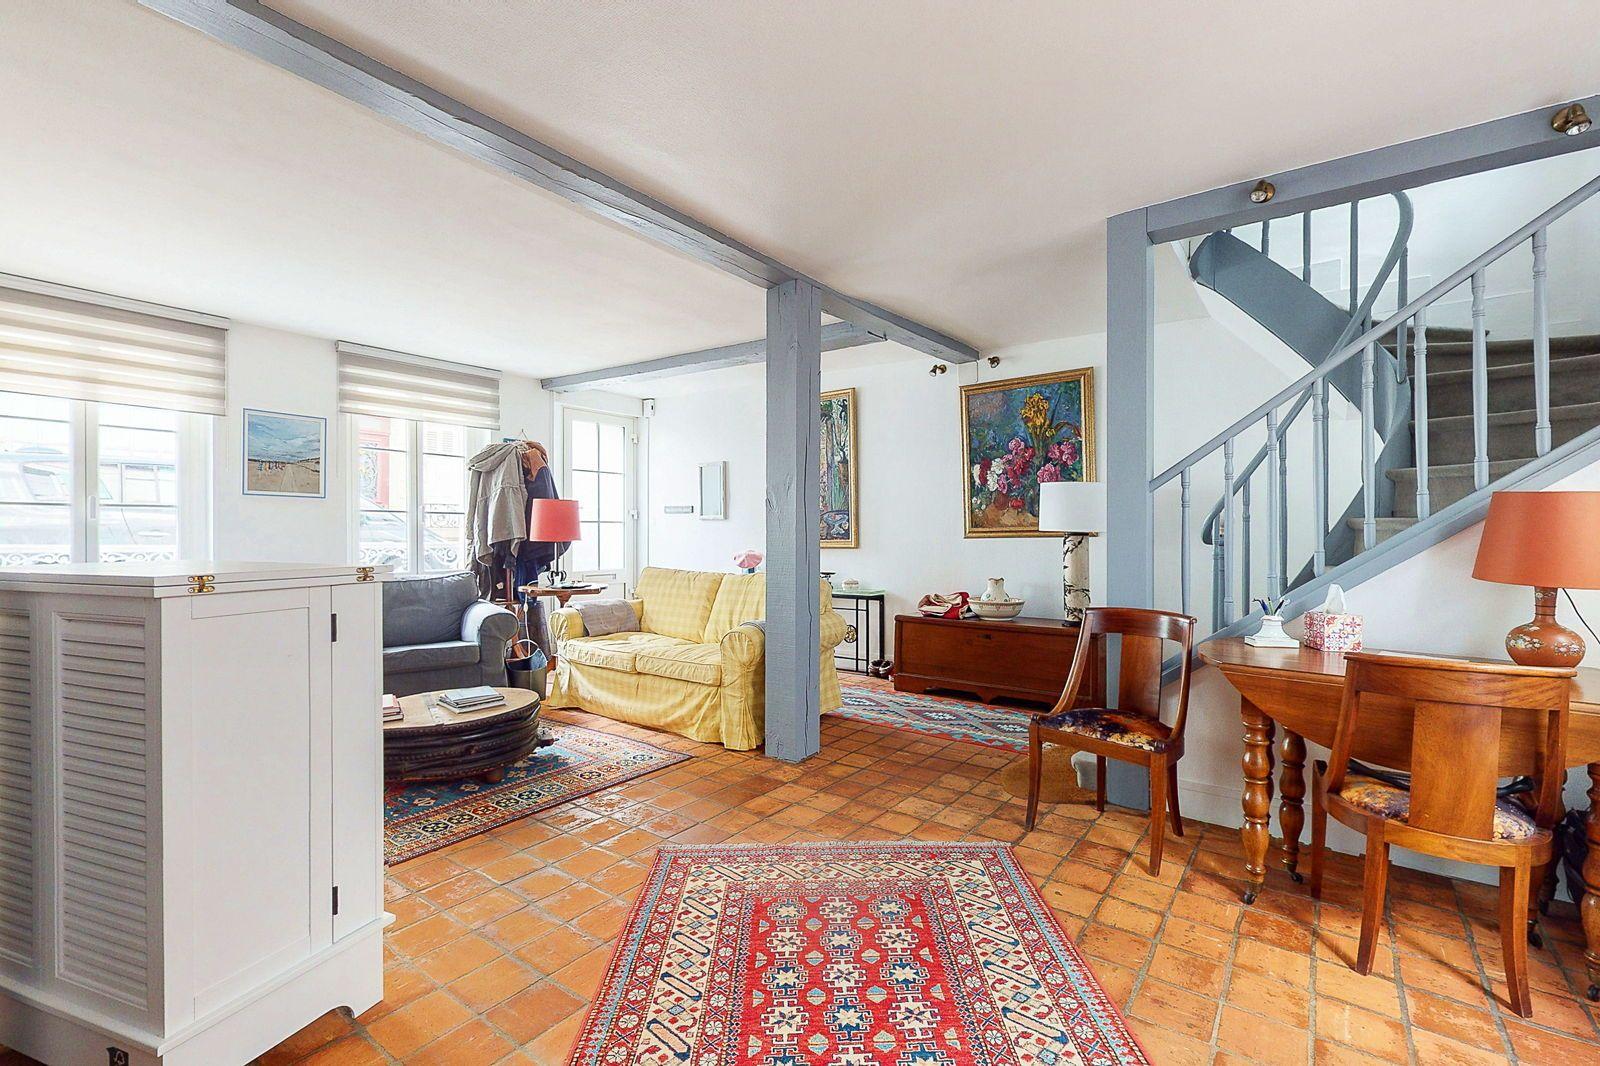 Vends maison 140m² centre de Trouville (14) avec 5chambres